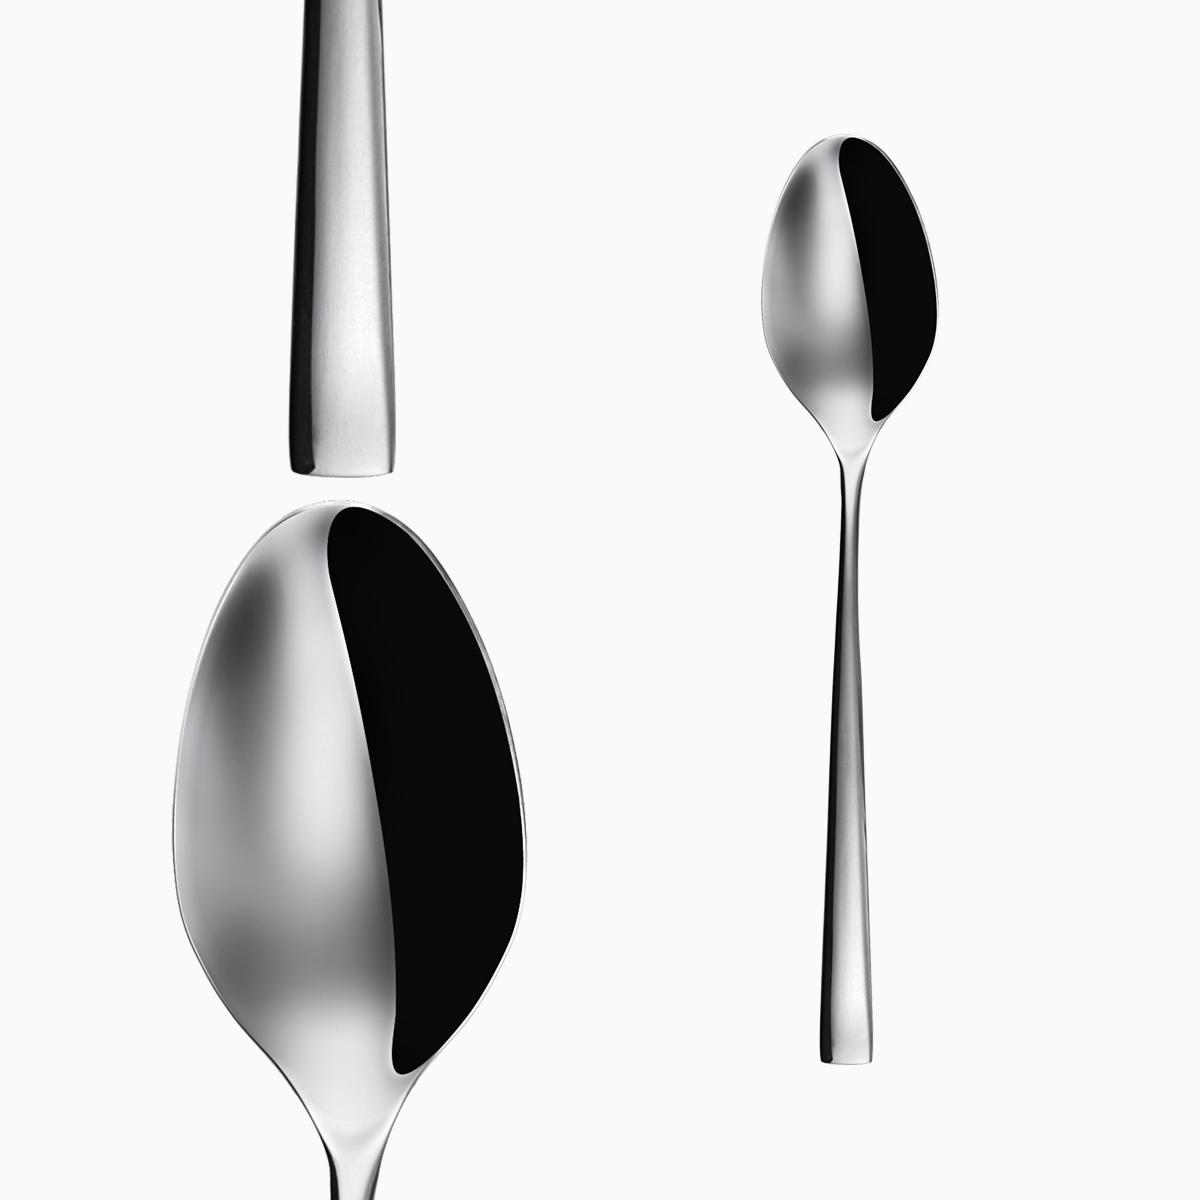 Table spoon - Locarno